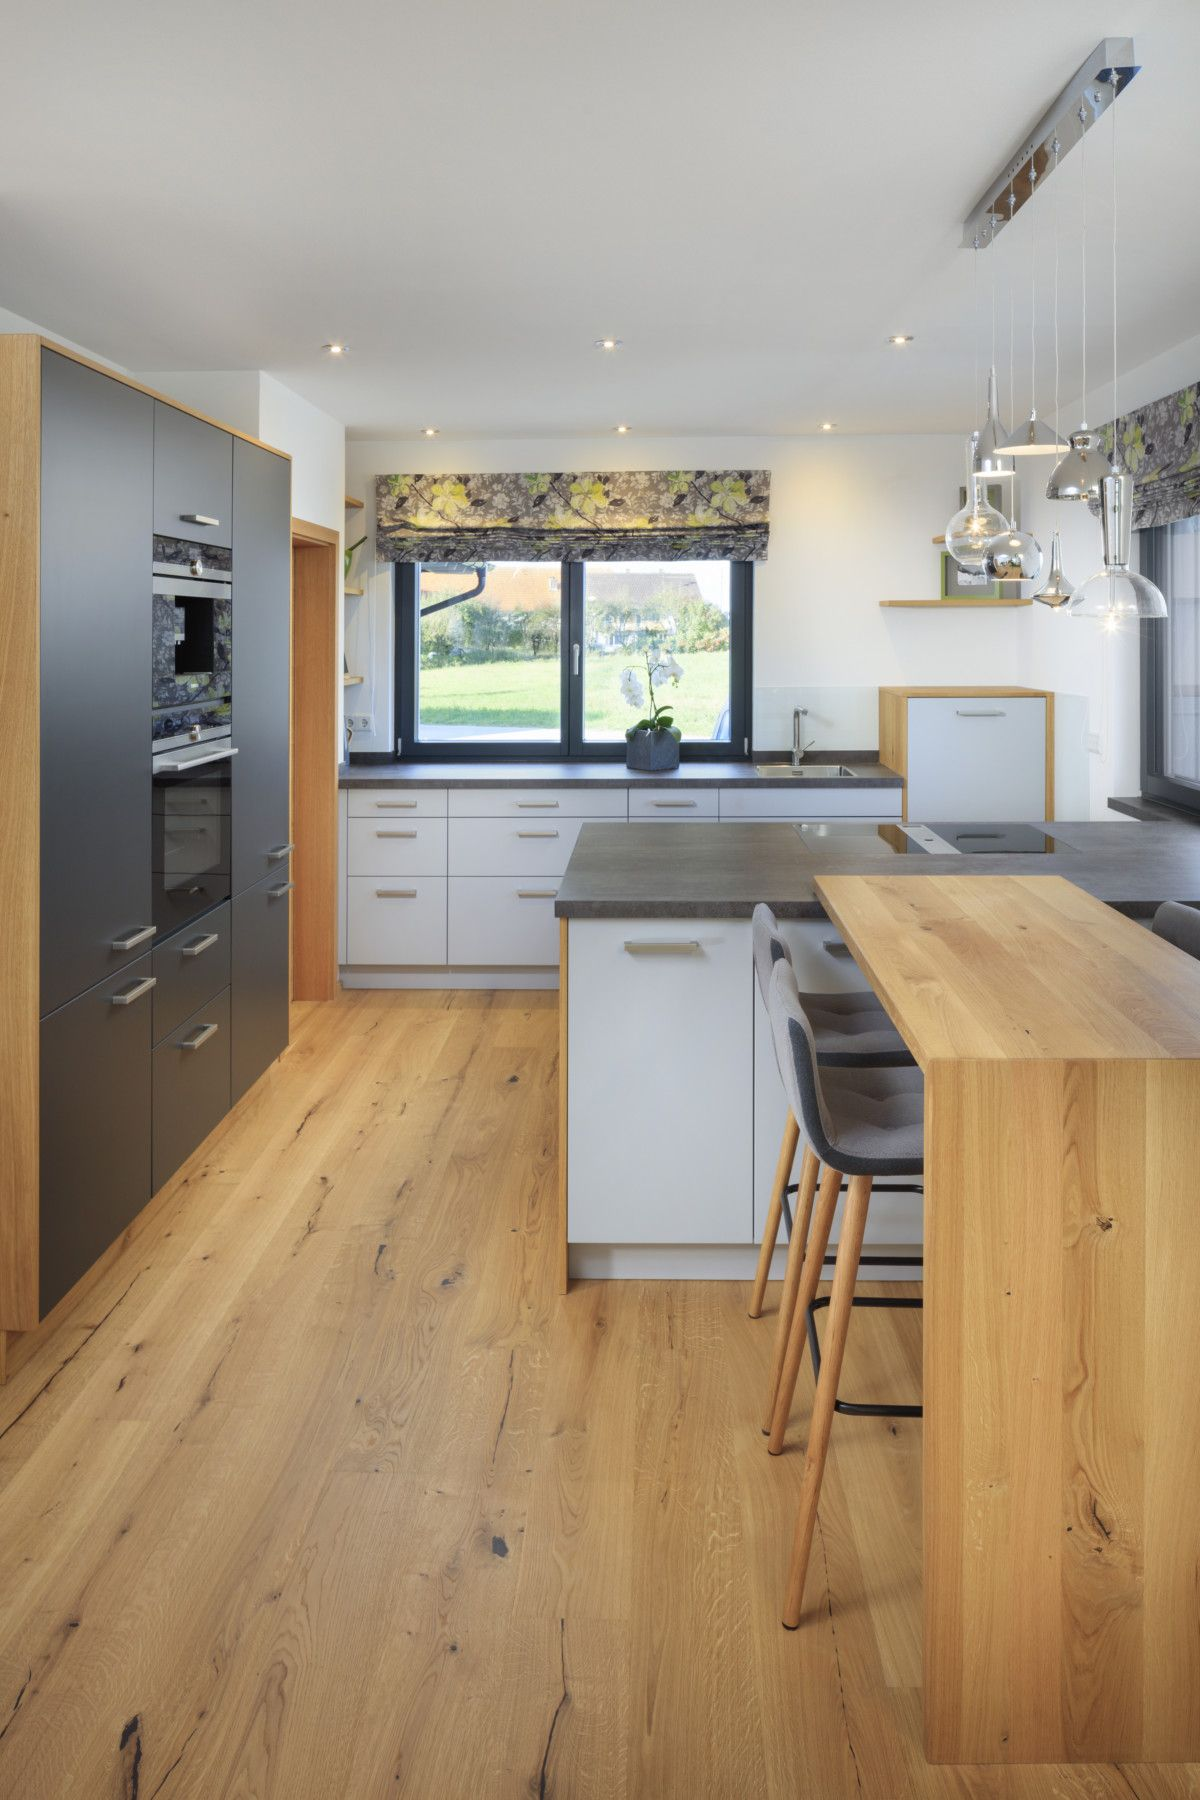 Küche Weiß Holz Modern   Haus Möbel Küche Landhaus Weiß Kuche ...